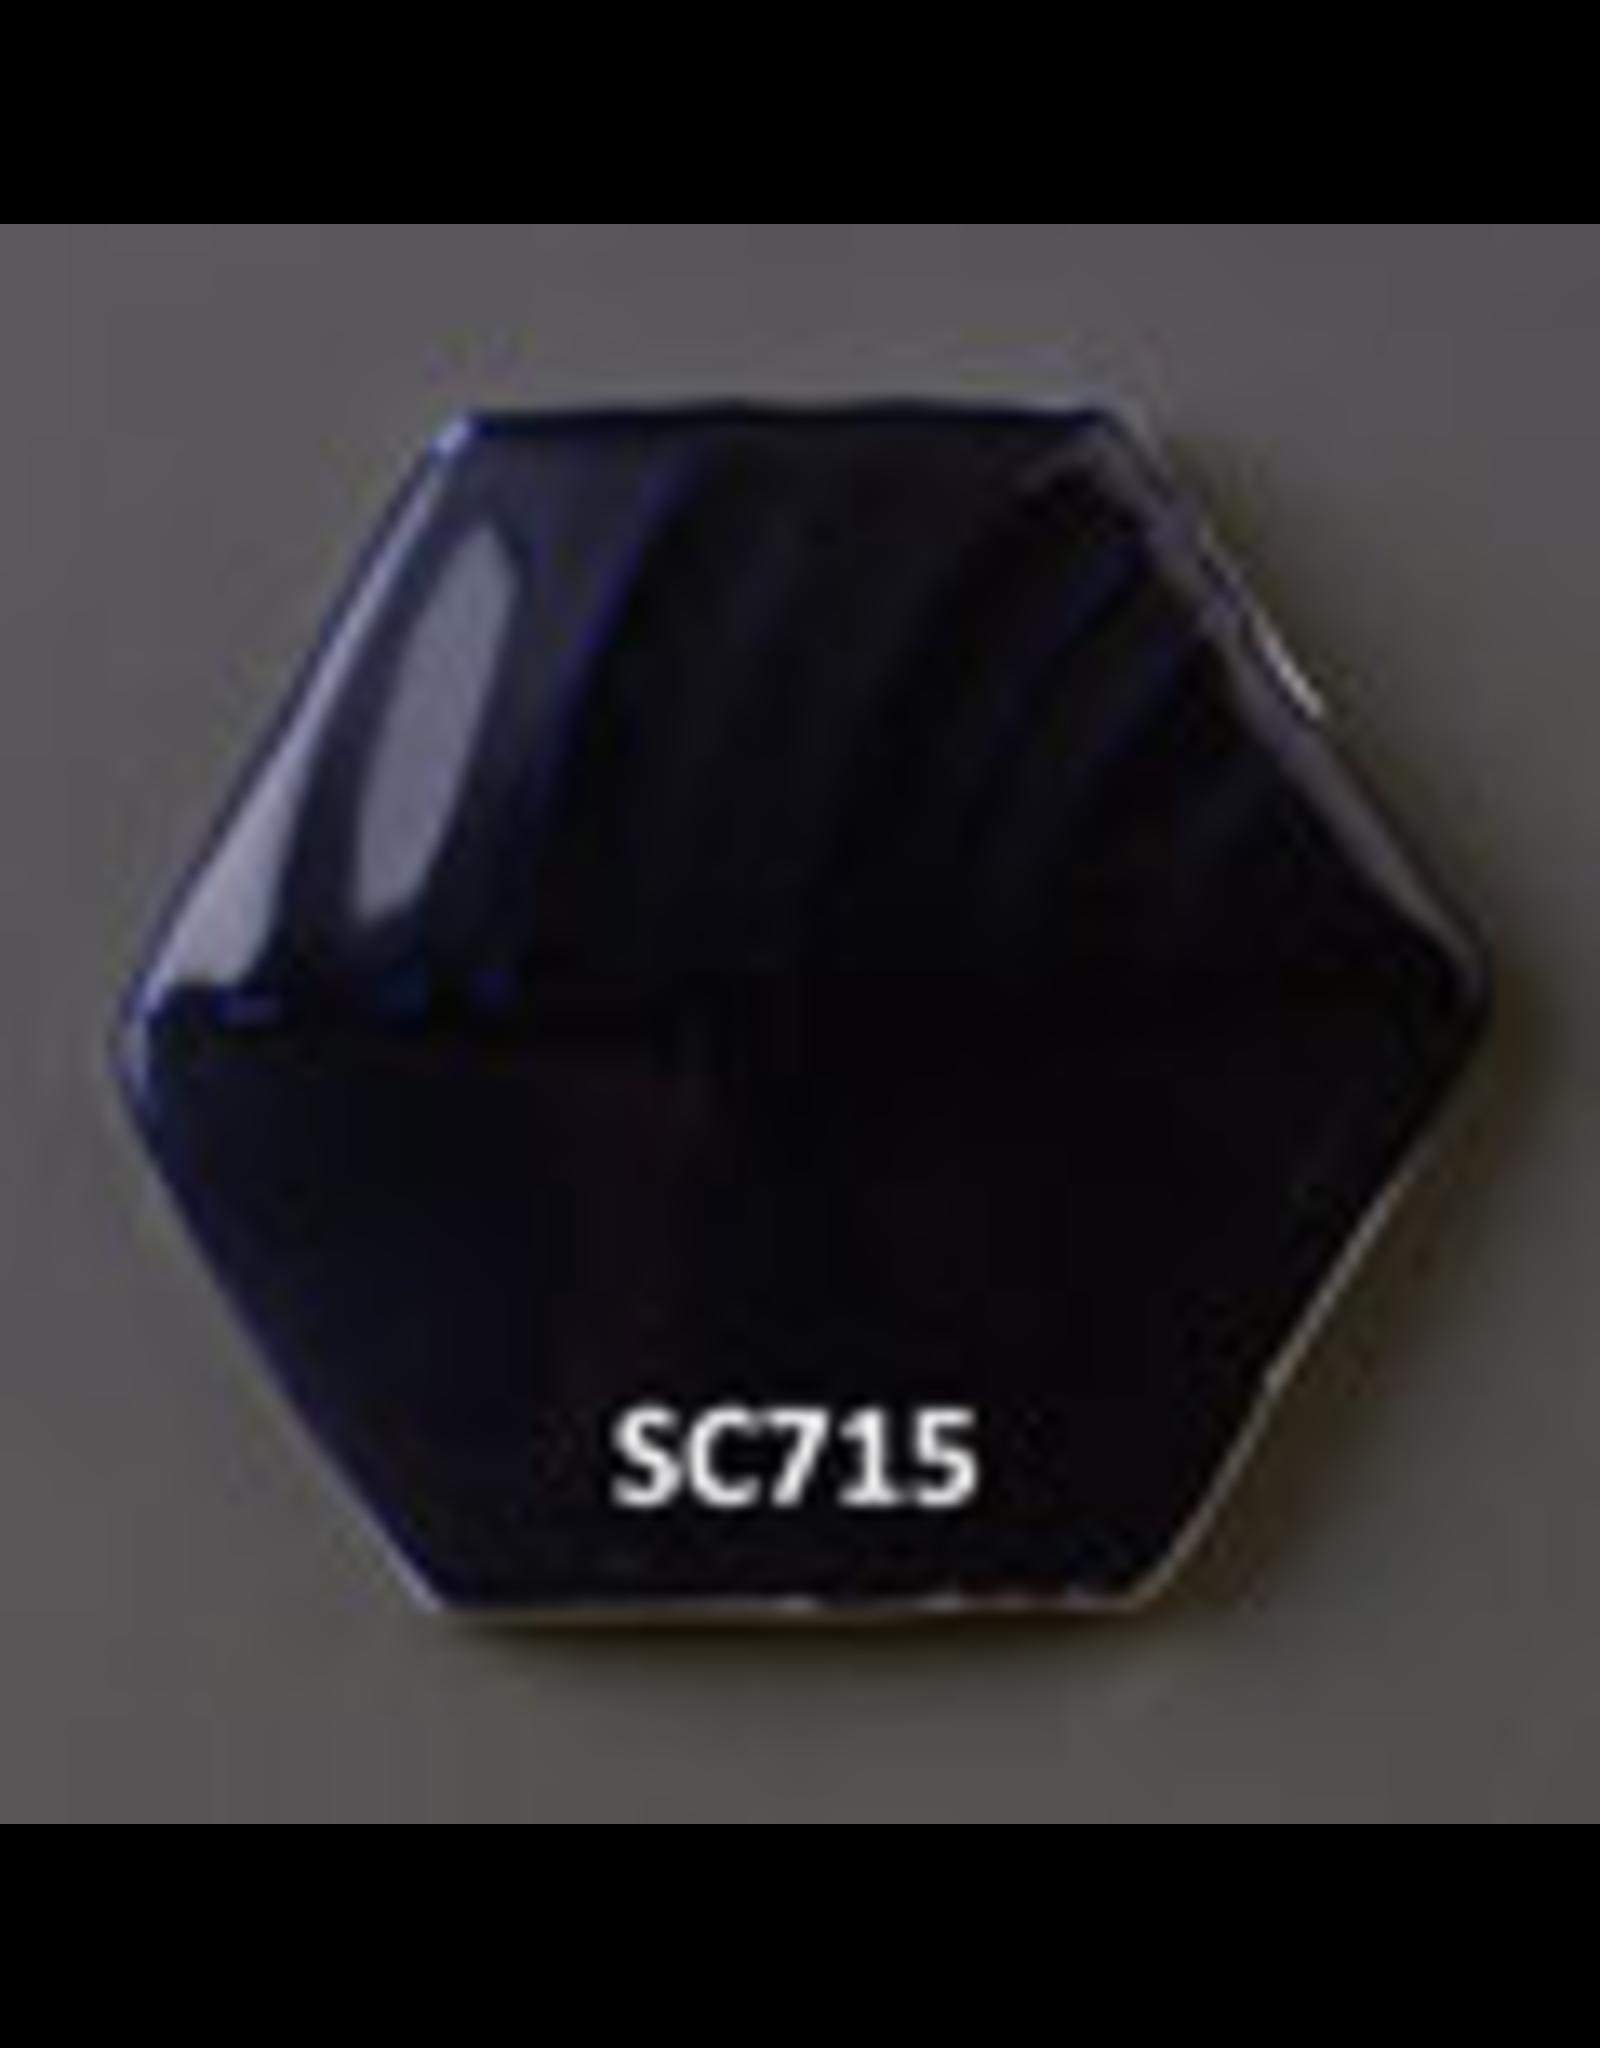 Sneyd Cobalt Blue (Al,Co) Glaze Stain